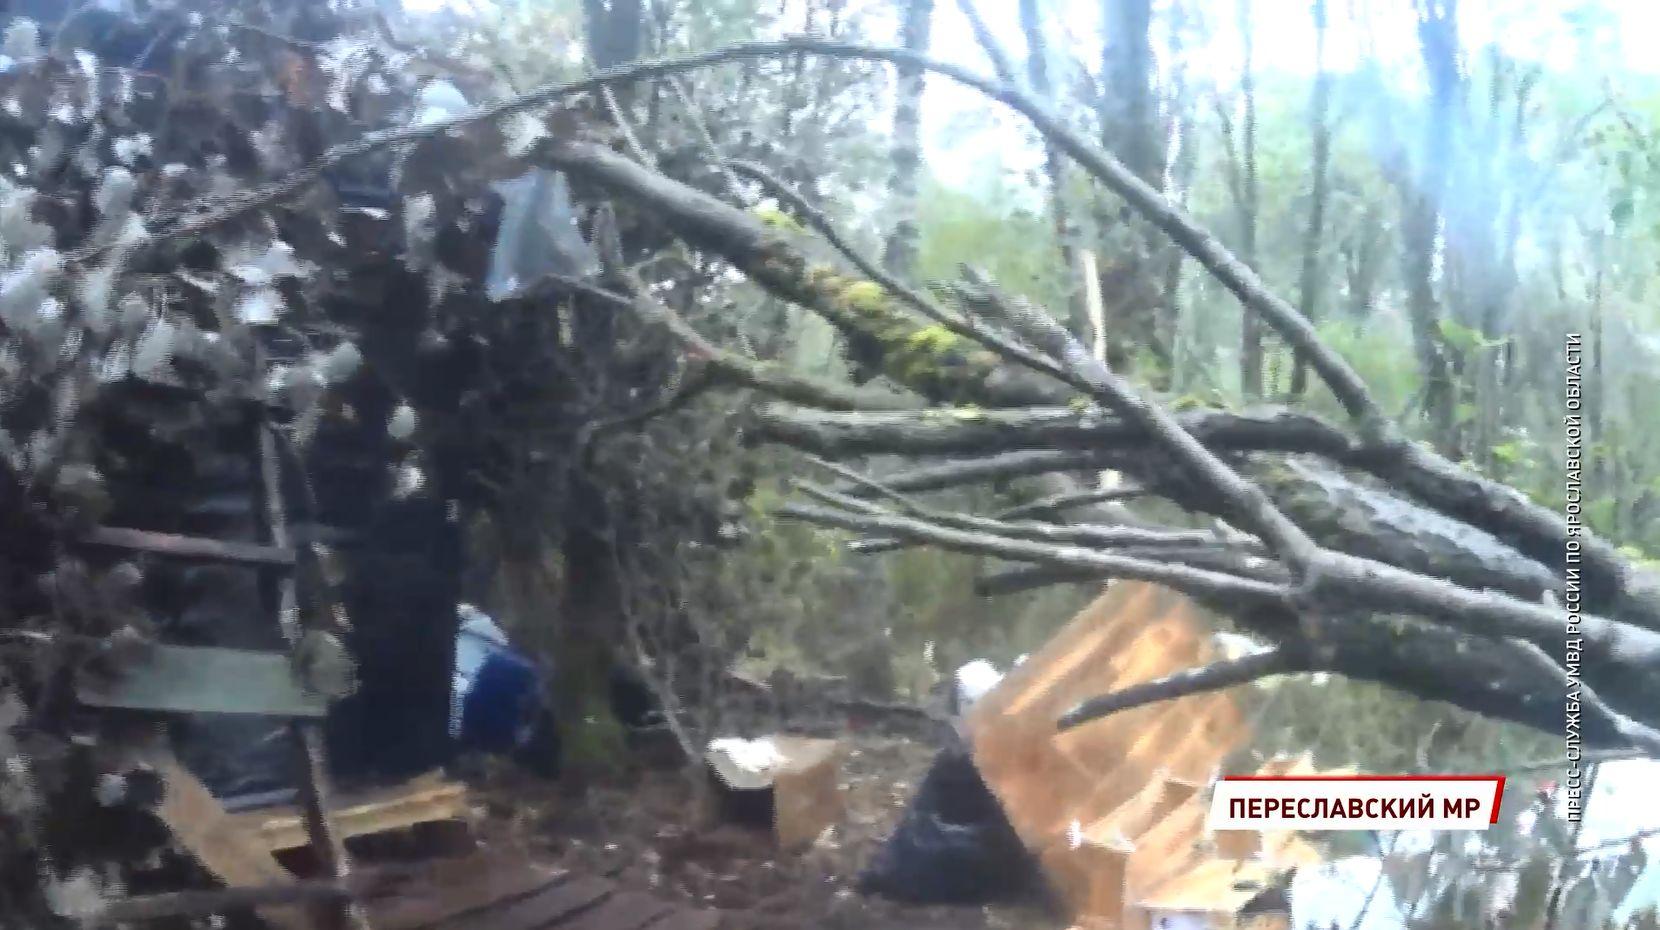 В Переславском районе Ярославской области пресечена деятельность лесной нарколаборатории